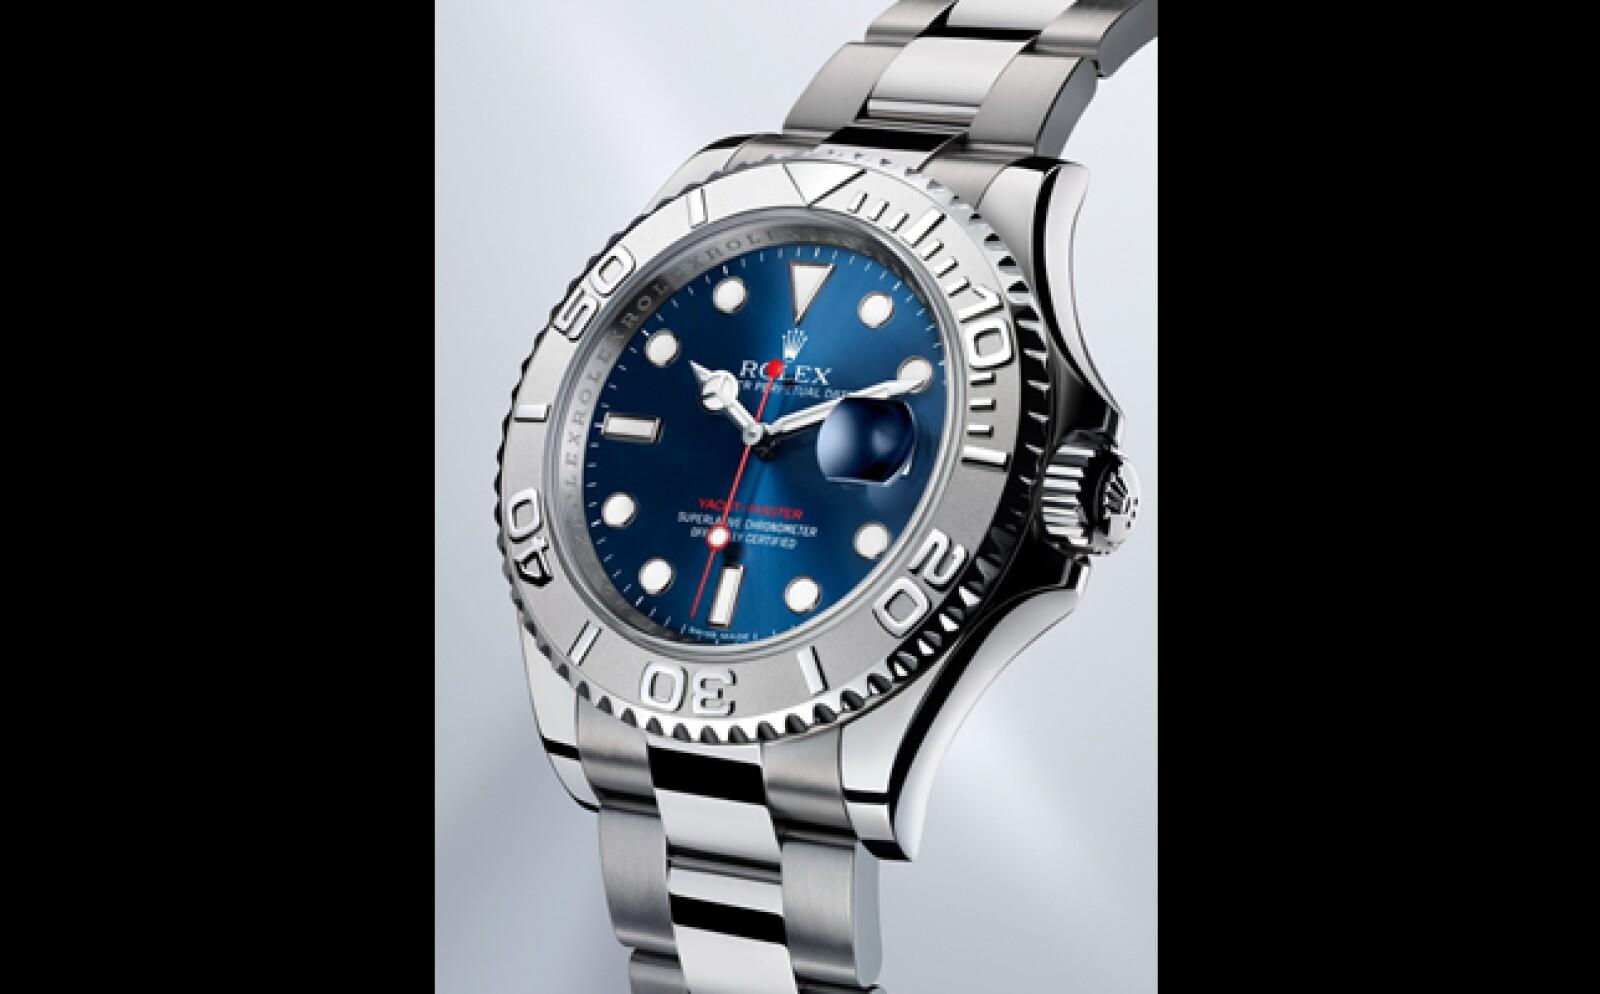 Destaca el material especialmente diseñado por Rolex que es una combinación de acero inoxidable y platino al que han bautizado con el nombre de Rolesium. Esta pieza esta diseñada para los fanáticos de la navegación ya que puede medir intervalos de 60 minu